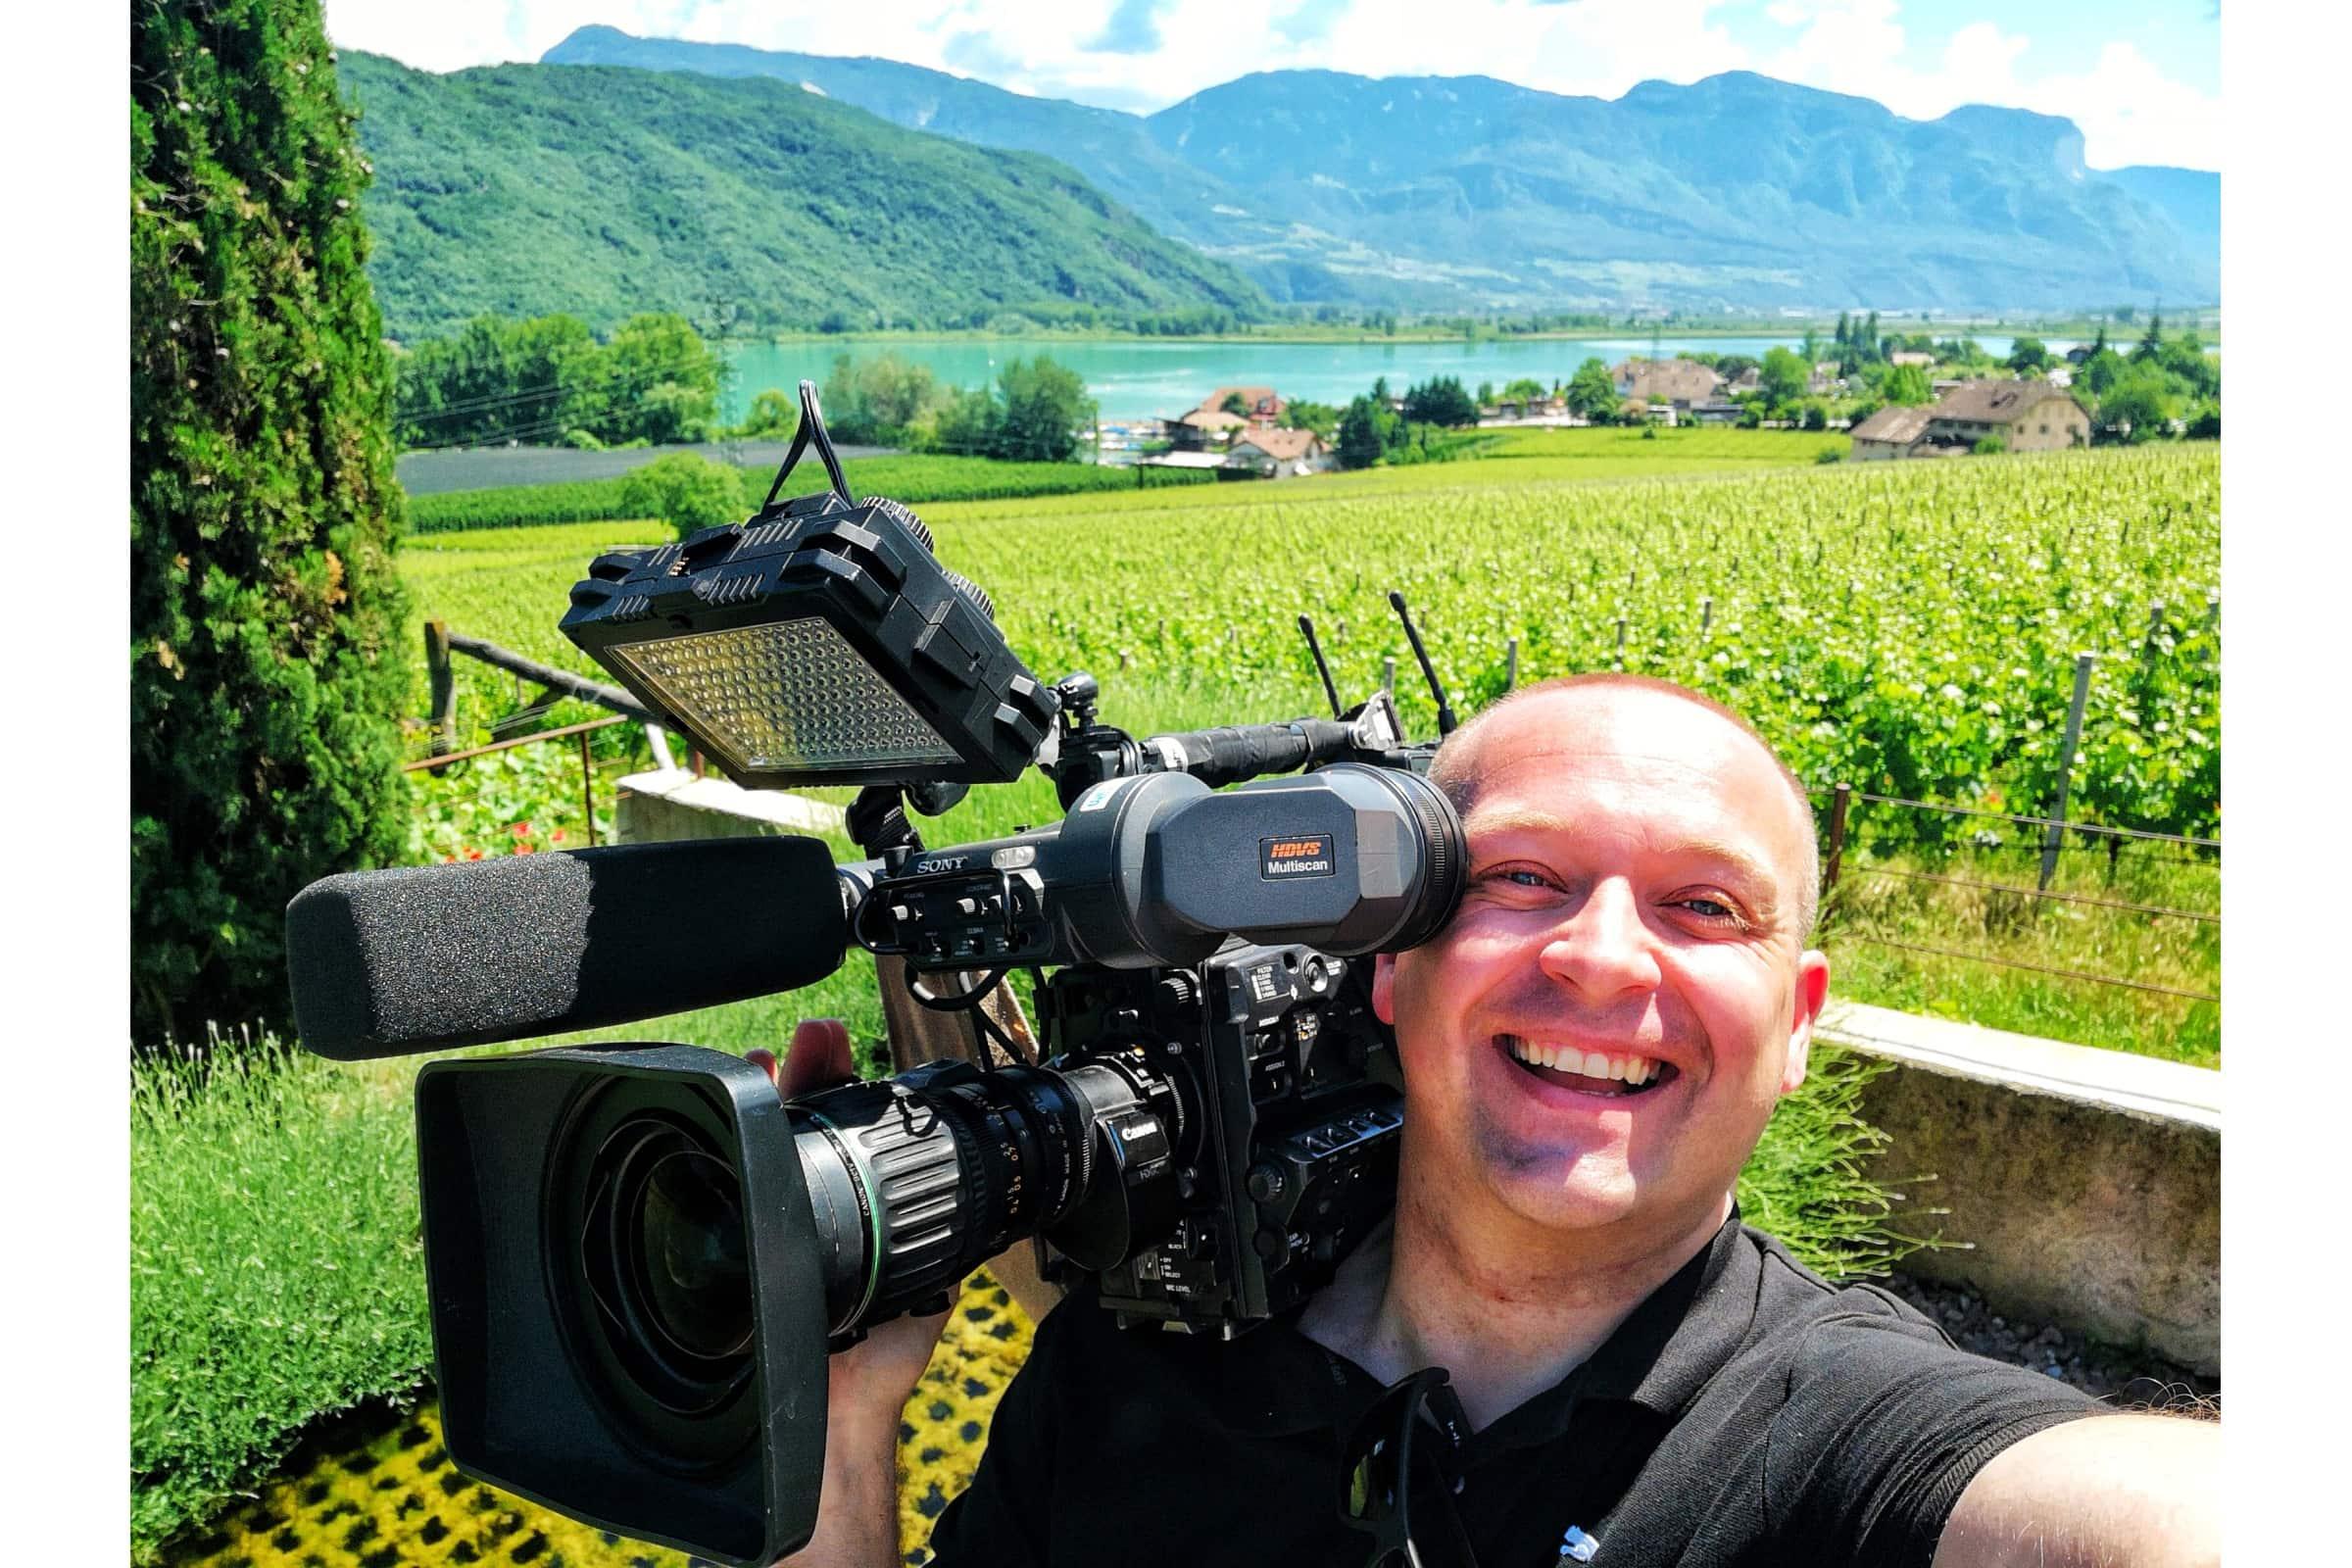 andreas felder kameramann ndr extra3 04 25.05.2018 14 07 26 - NDR Extra 3